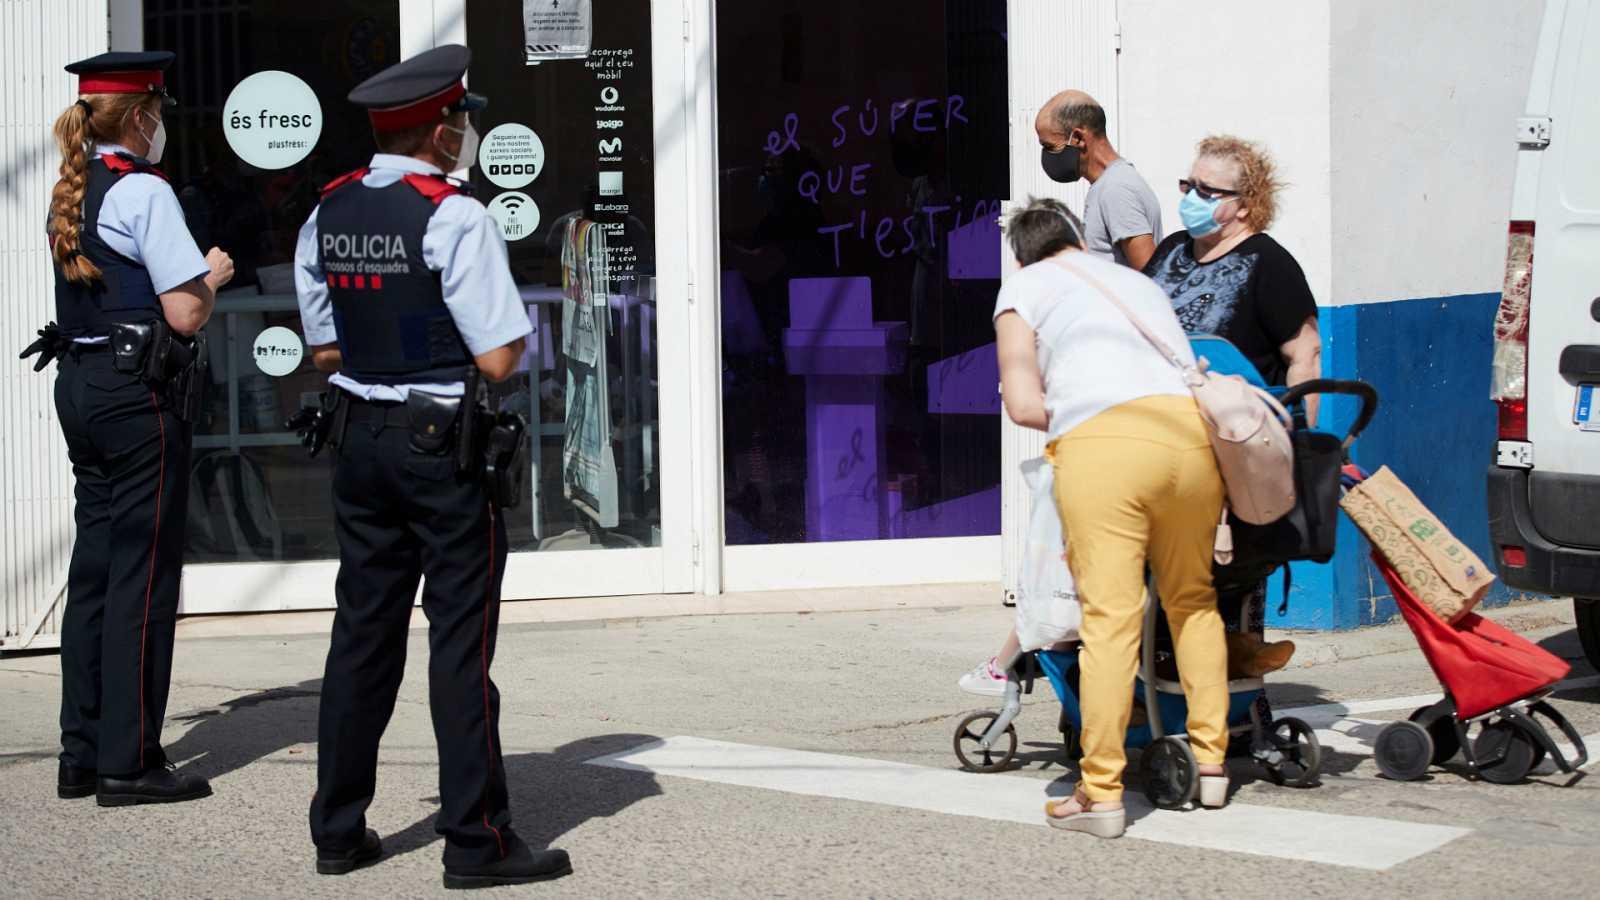 14 horas - Los brotes se disparan en Lleida y Cataluña registra casi 950 contagios - Escuchar ahora